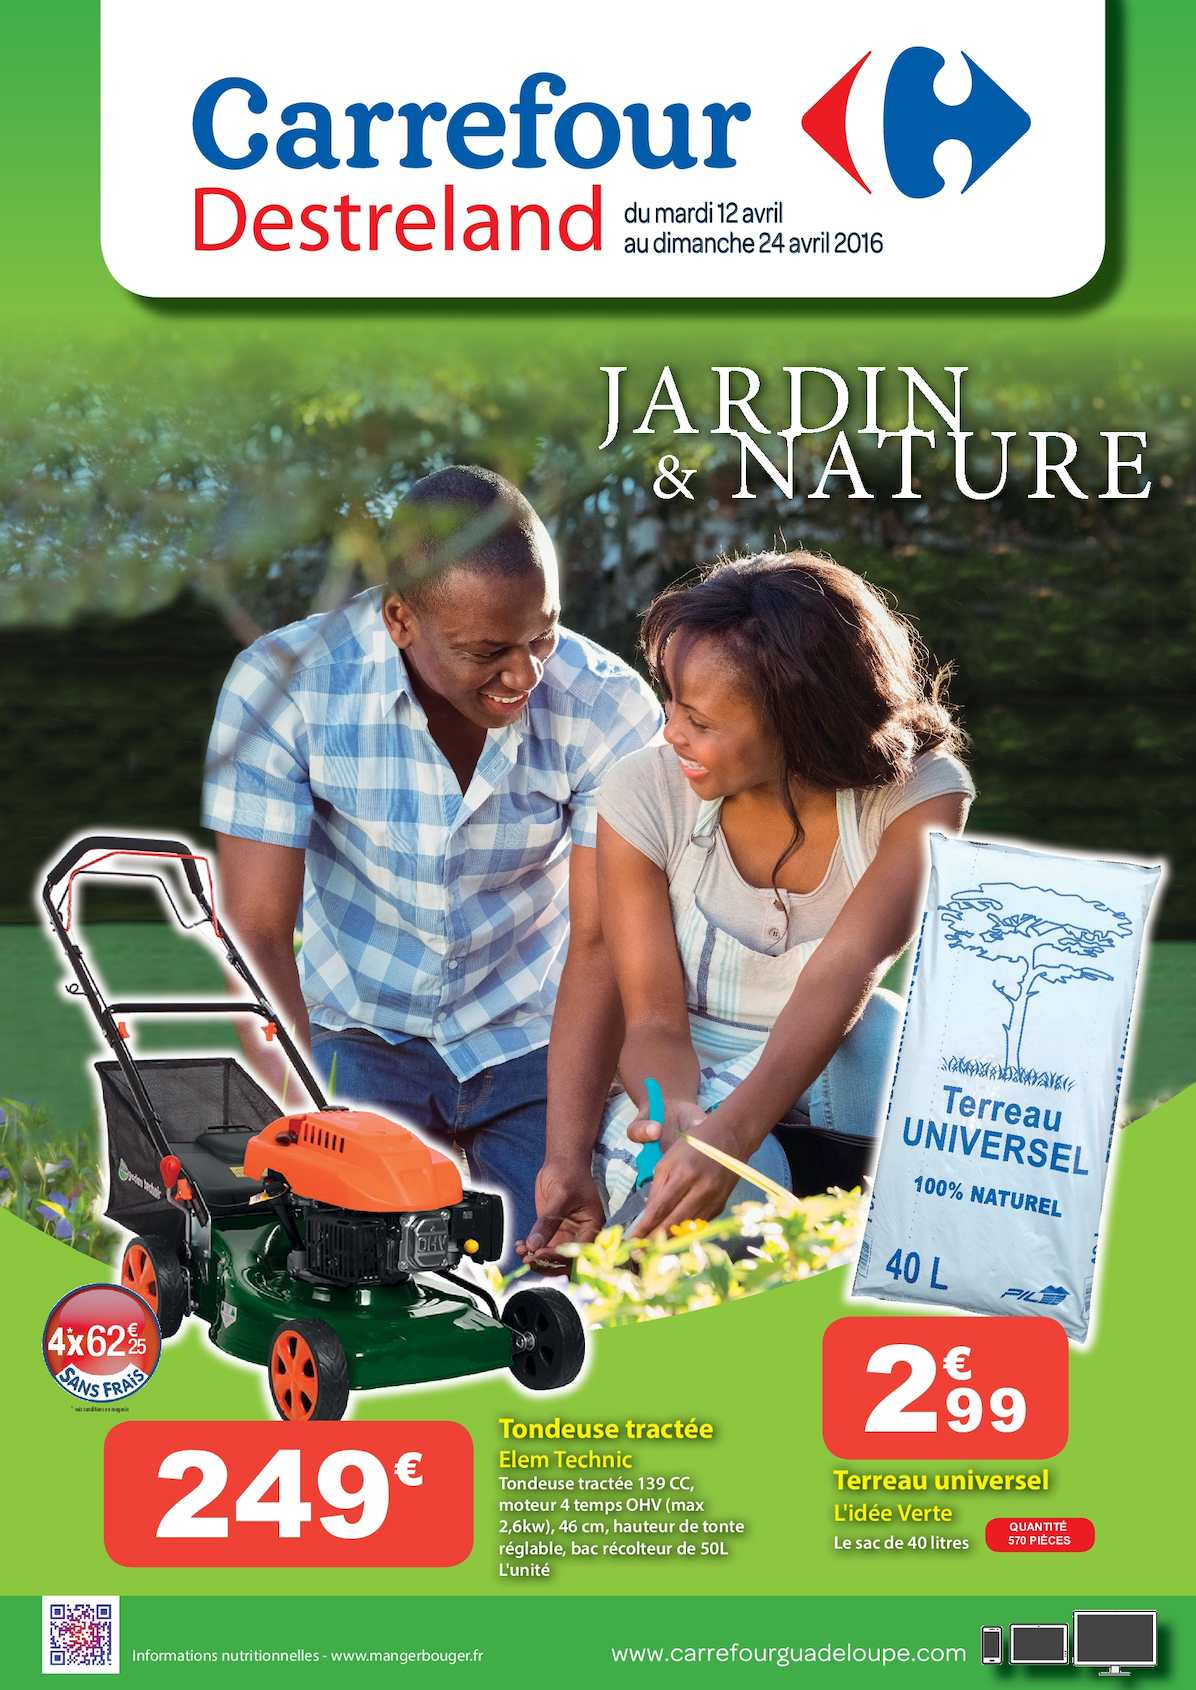 Calaméo - Carrefour Catalogue Jardin & Nature encequiconcerne Salon De Jardin En Résine Tressée Carrefour